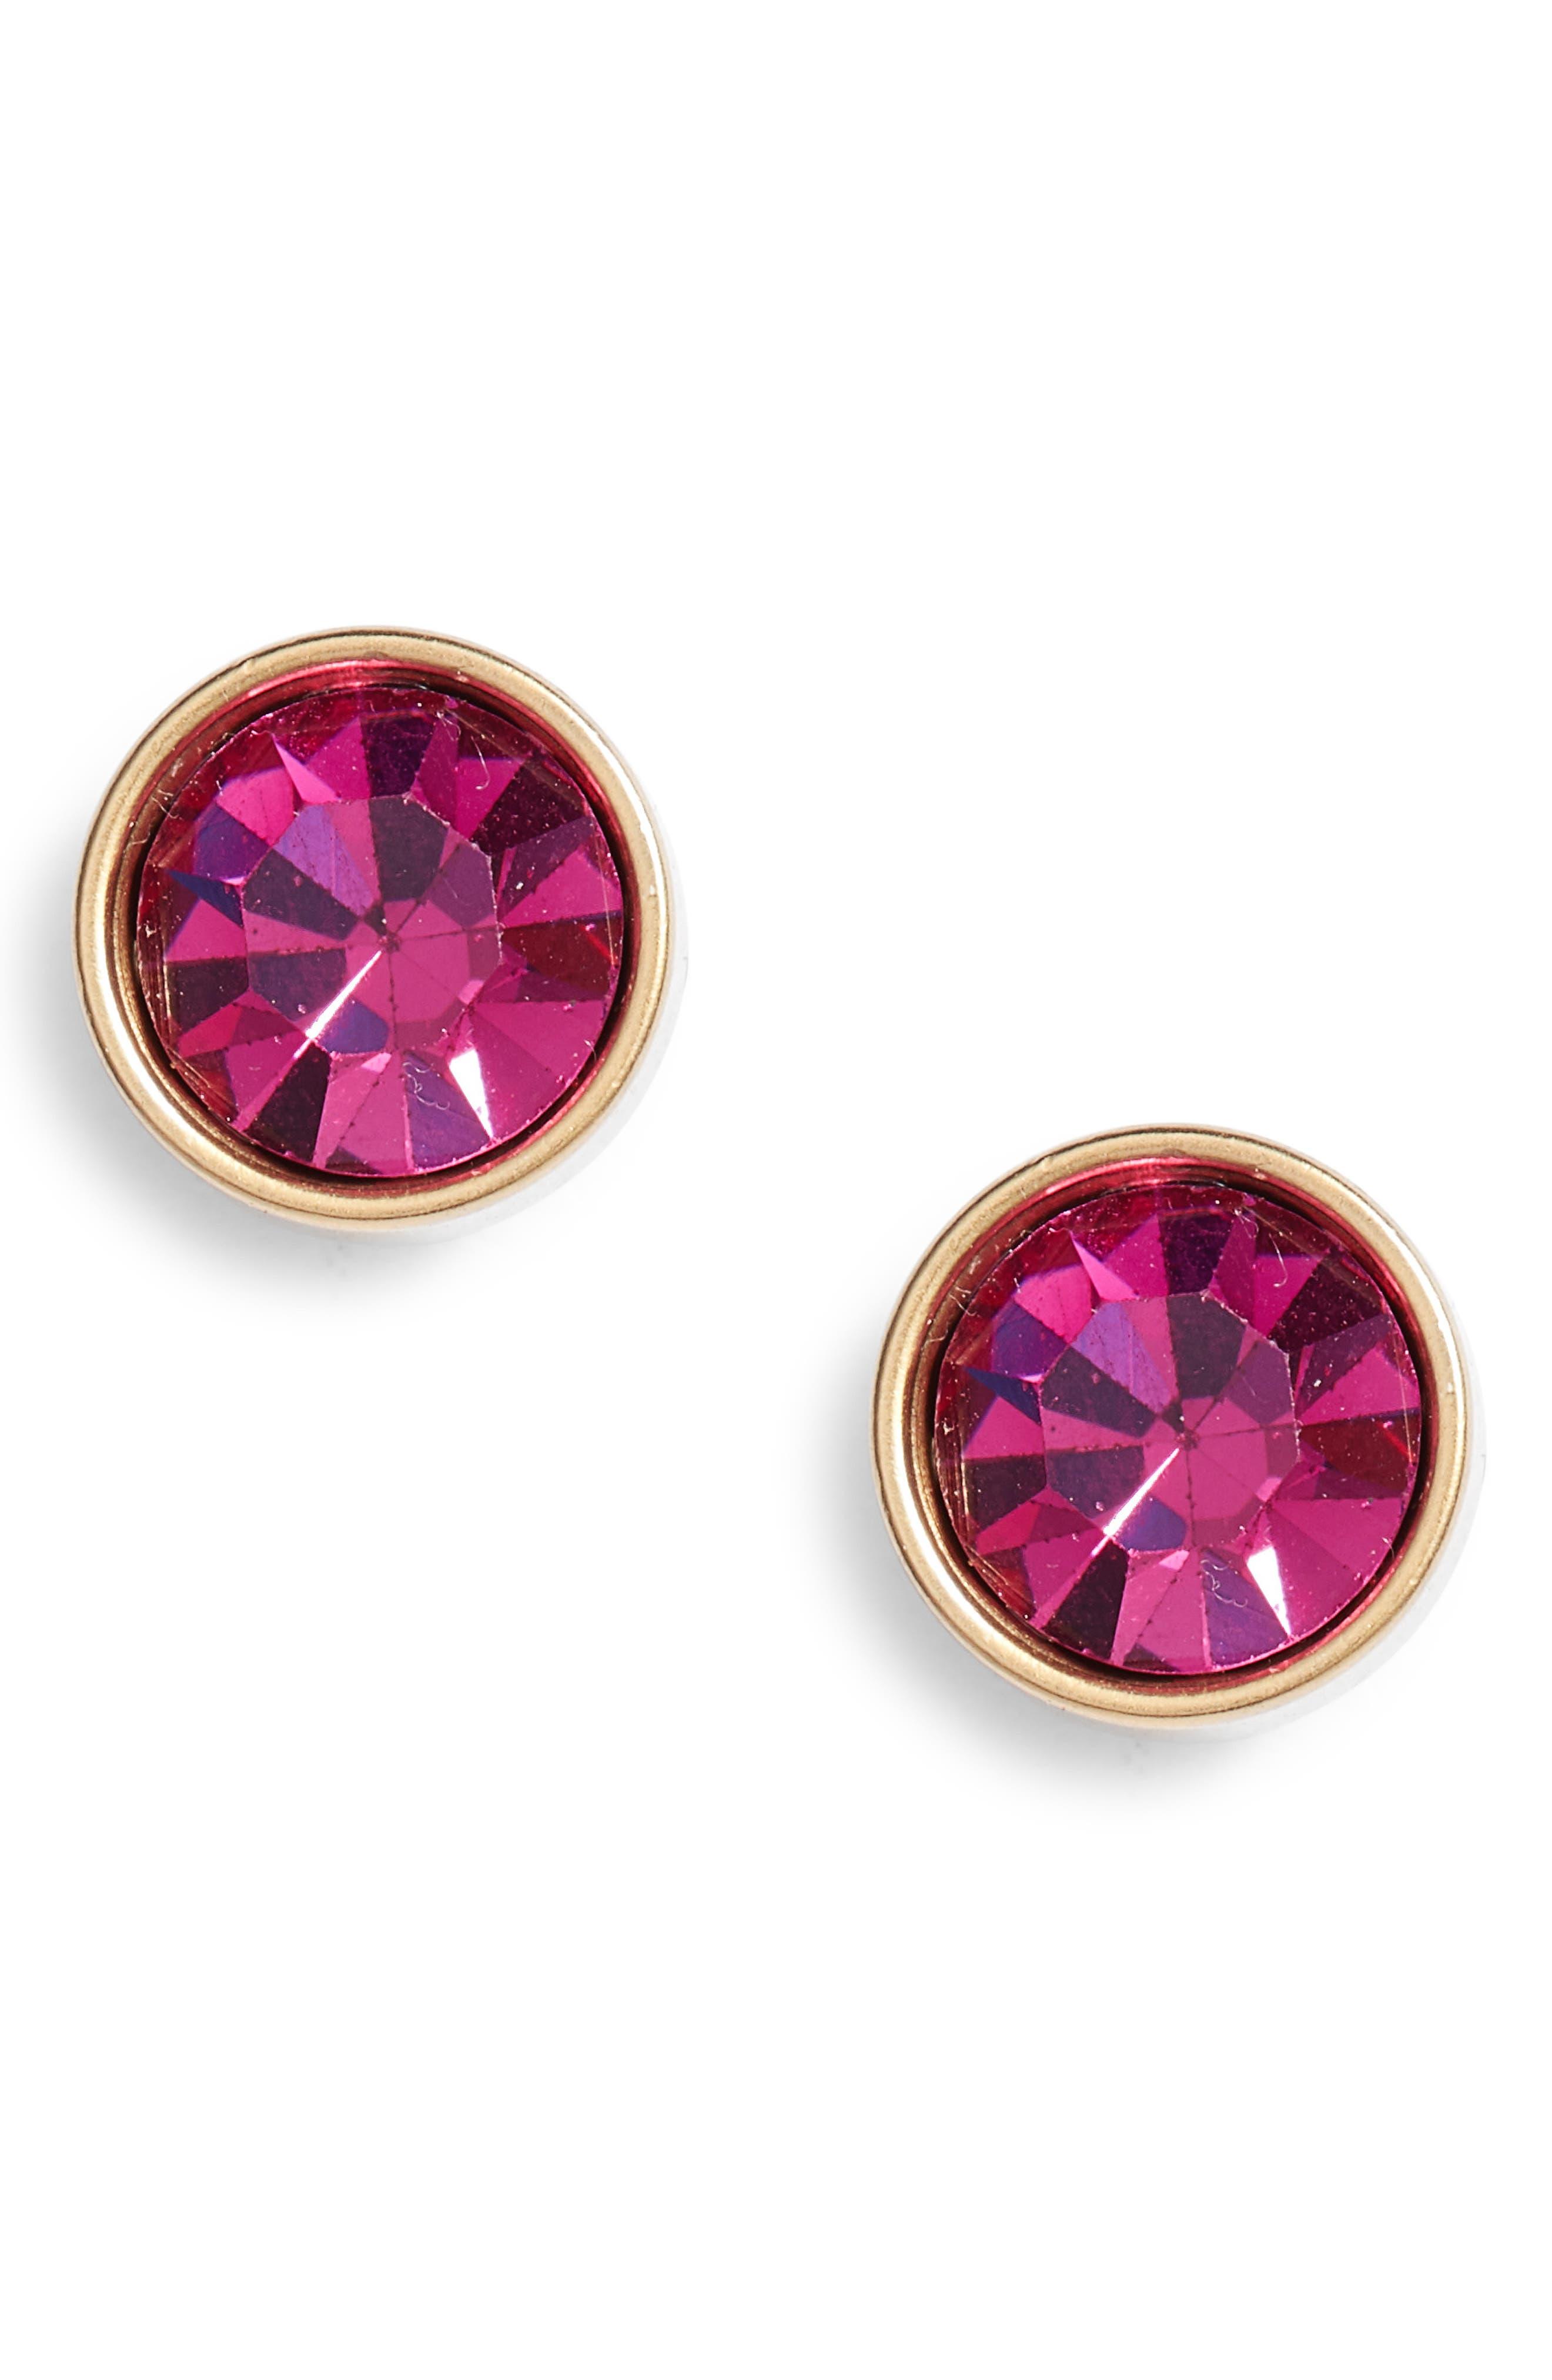 Bezel Set Stud Earrings,                             Main thumbnail 1, color,                             Fuchsia/ Gold